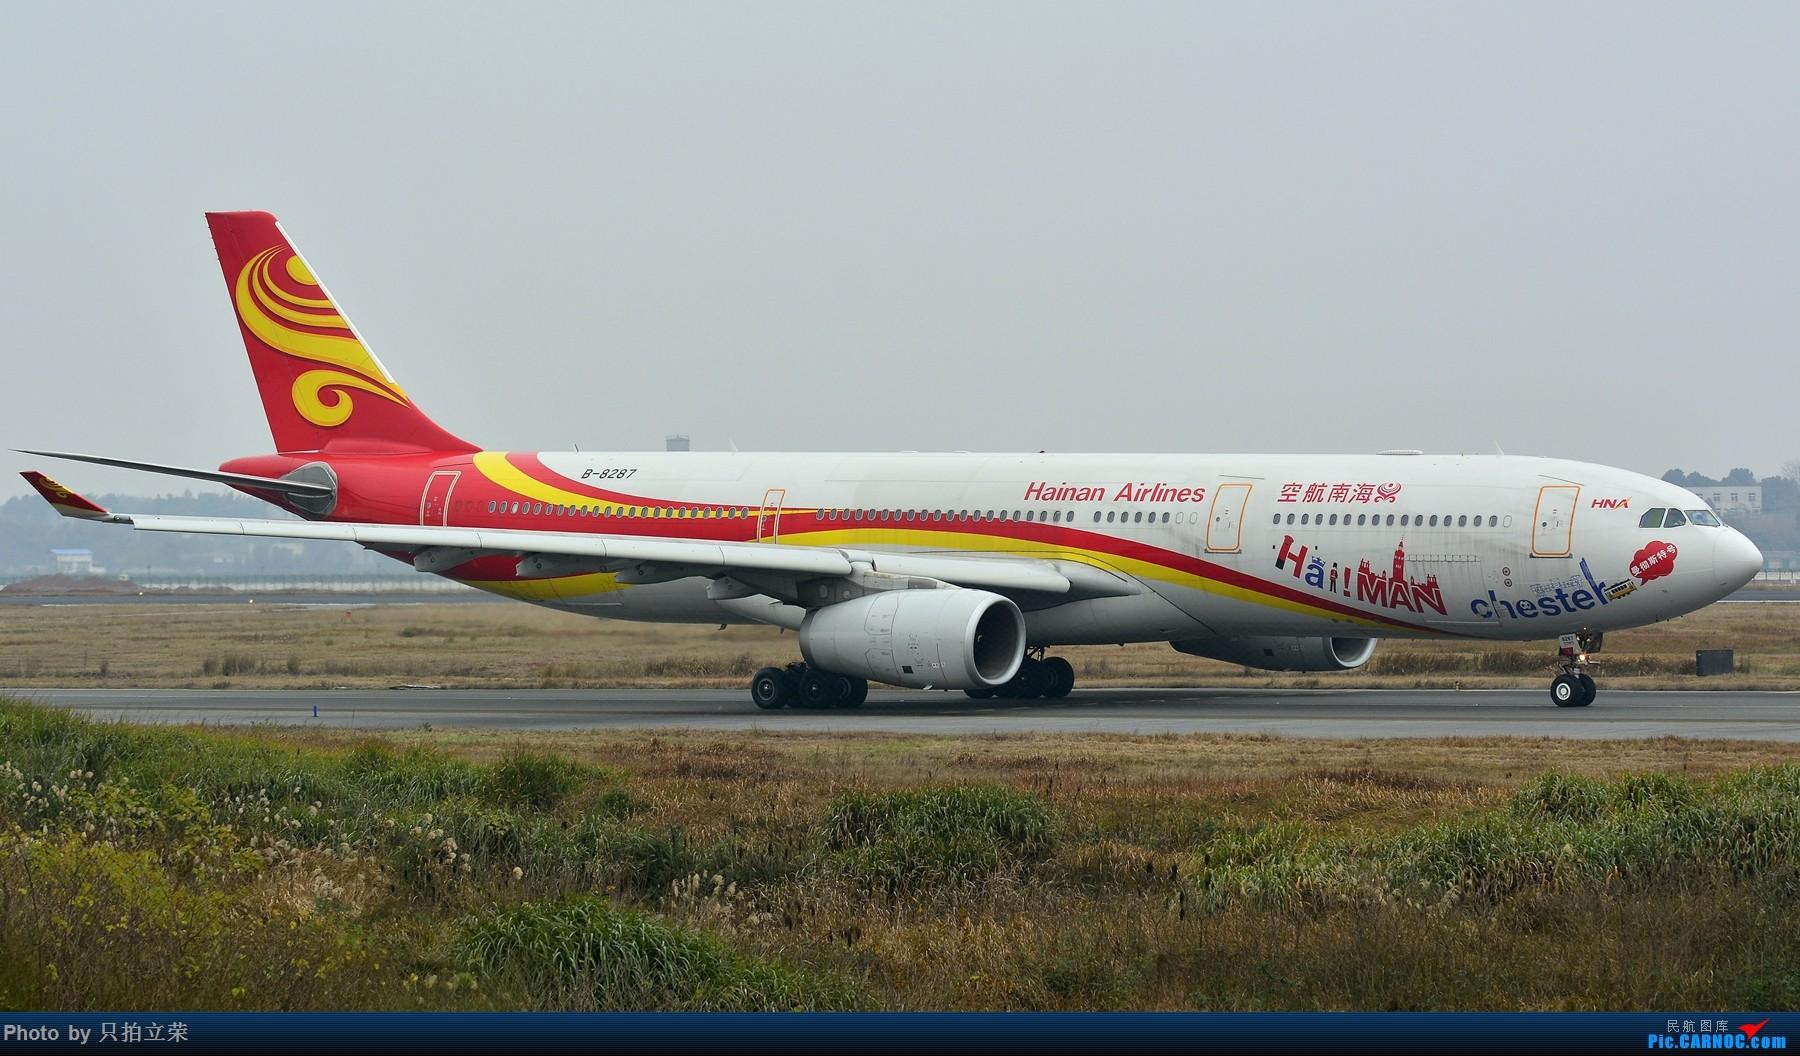 Re:[原创]长沙飞友会之--很久没拍机了,只拍立荣重回黄花! AIRBUS A330-300 B-8287 中国长沙黄花国际机场